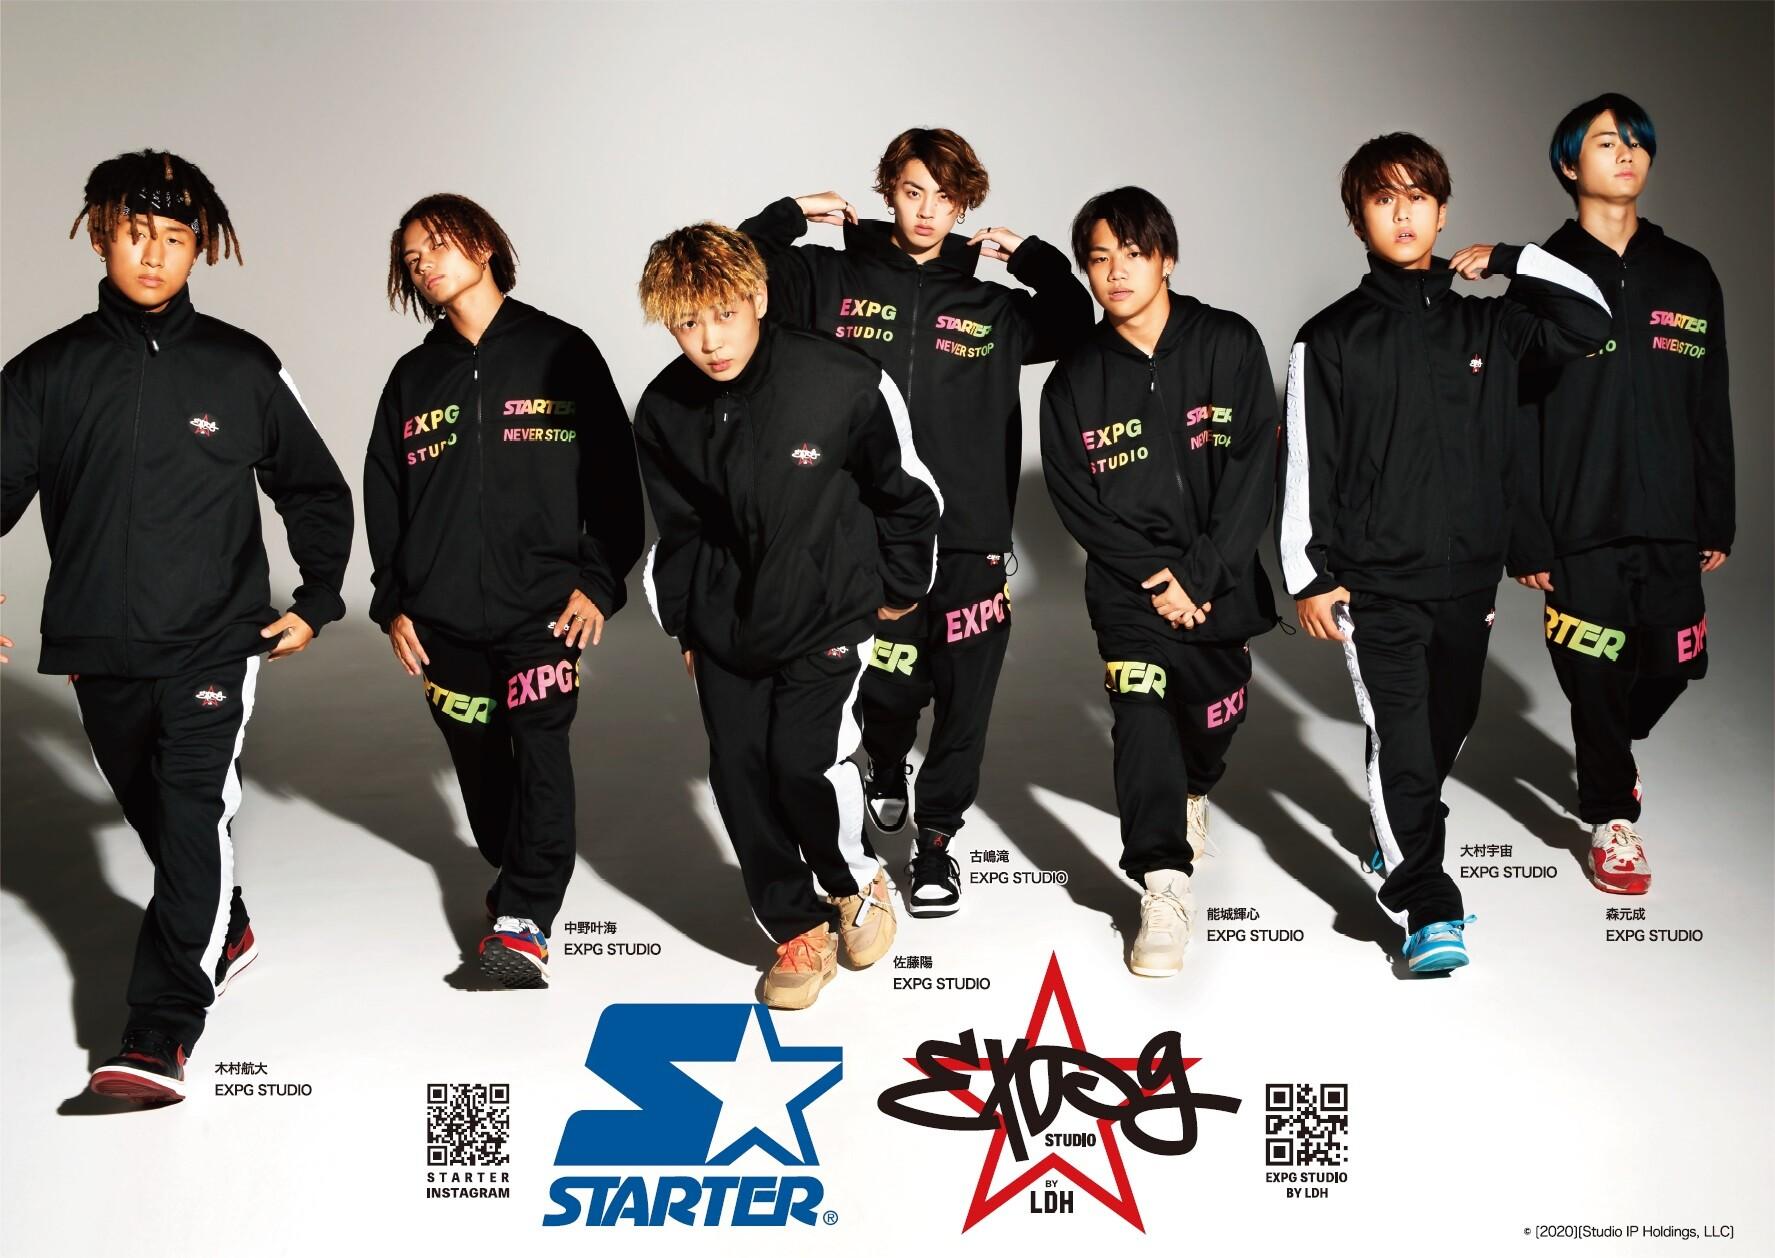 【10/9より通常販売スタート】STARTER × EXPG STUDIO BY LDH